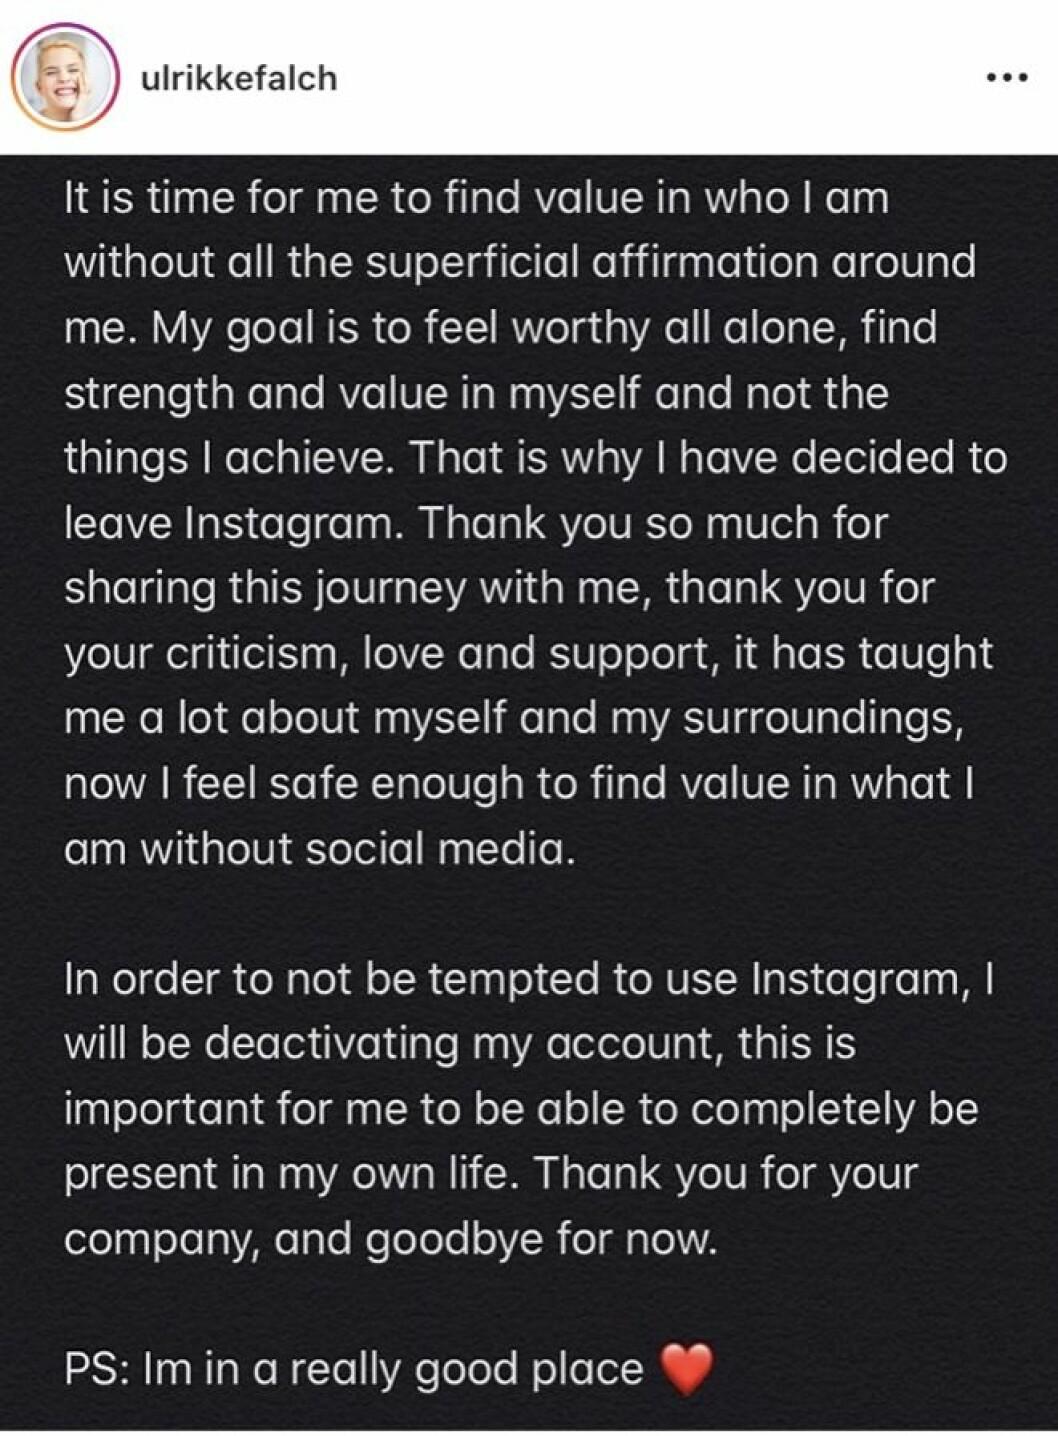 Ett inlägg på Instagram med vit text på svart bakgrund